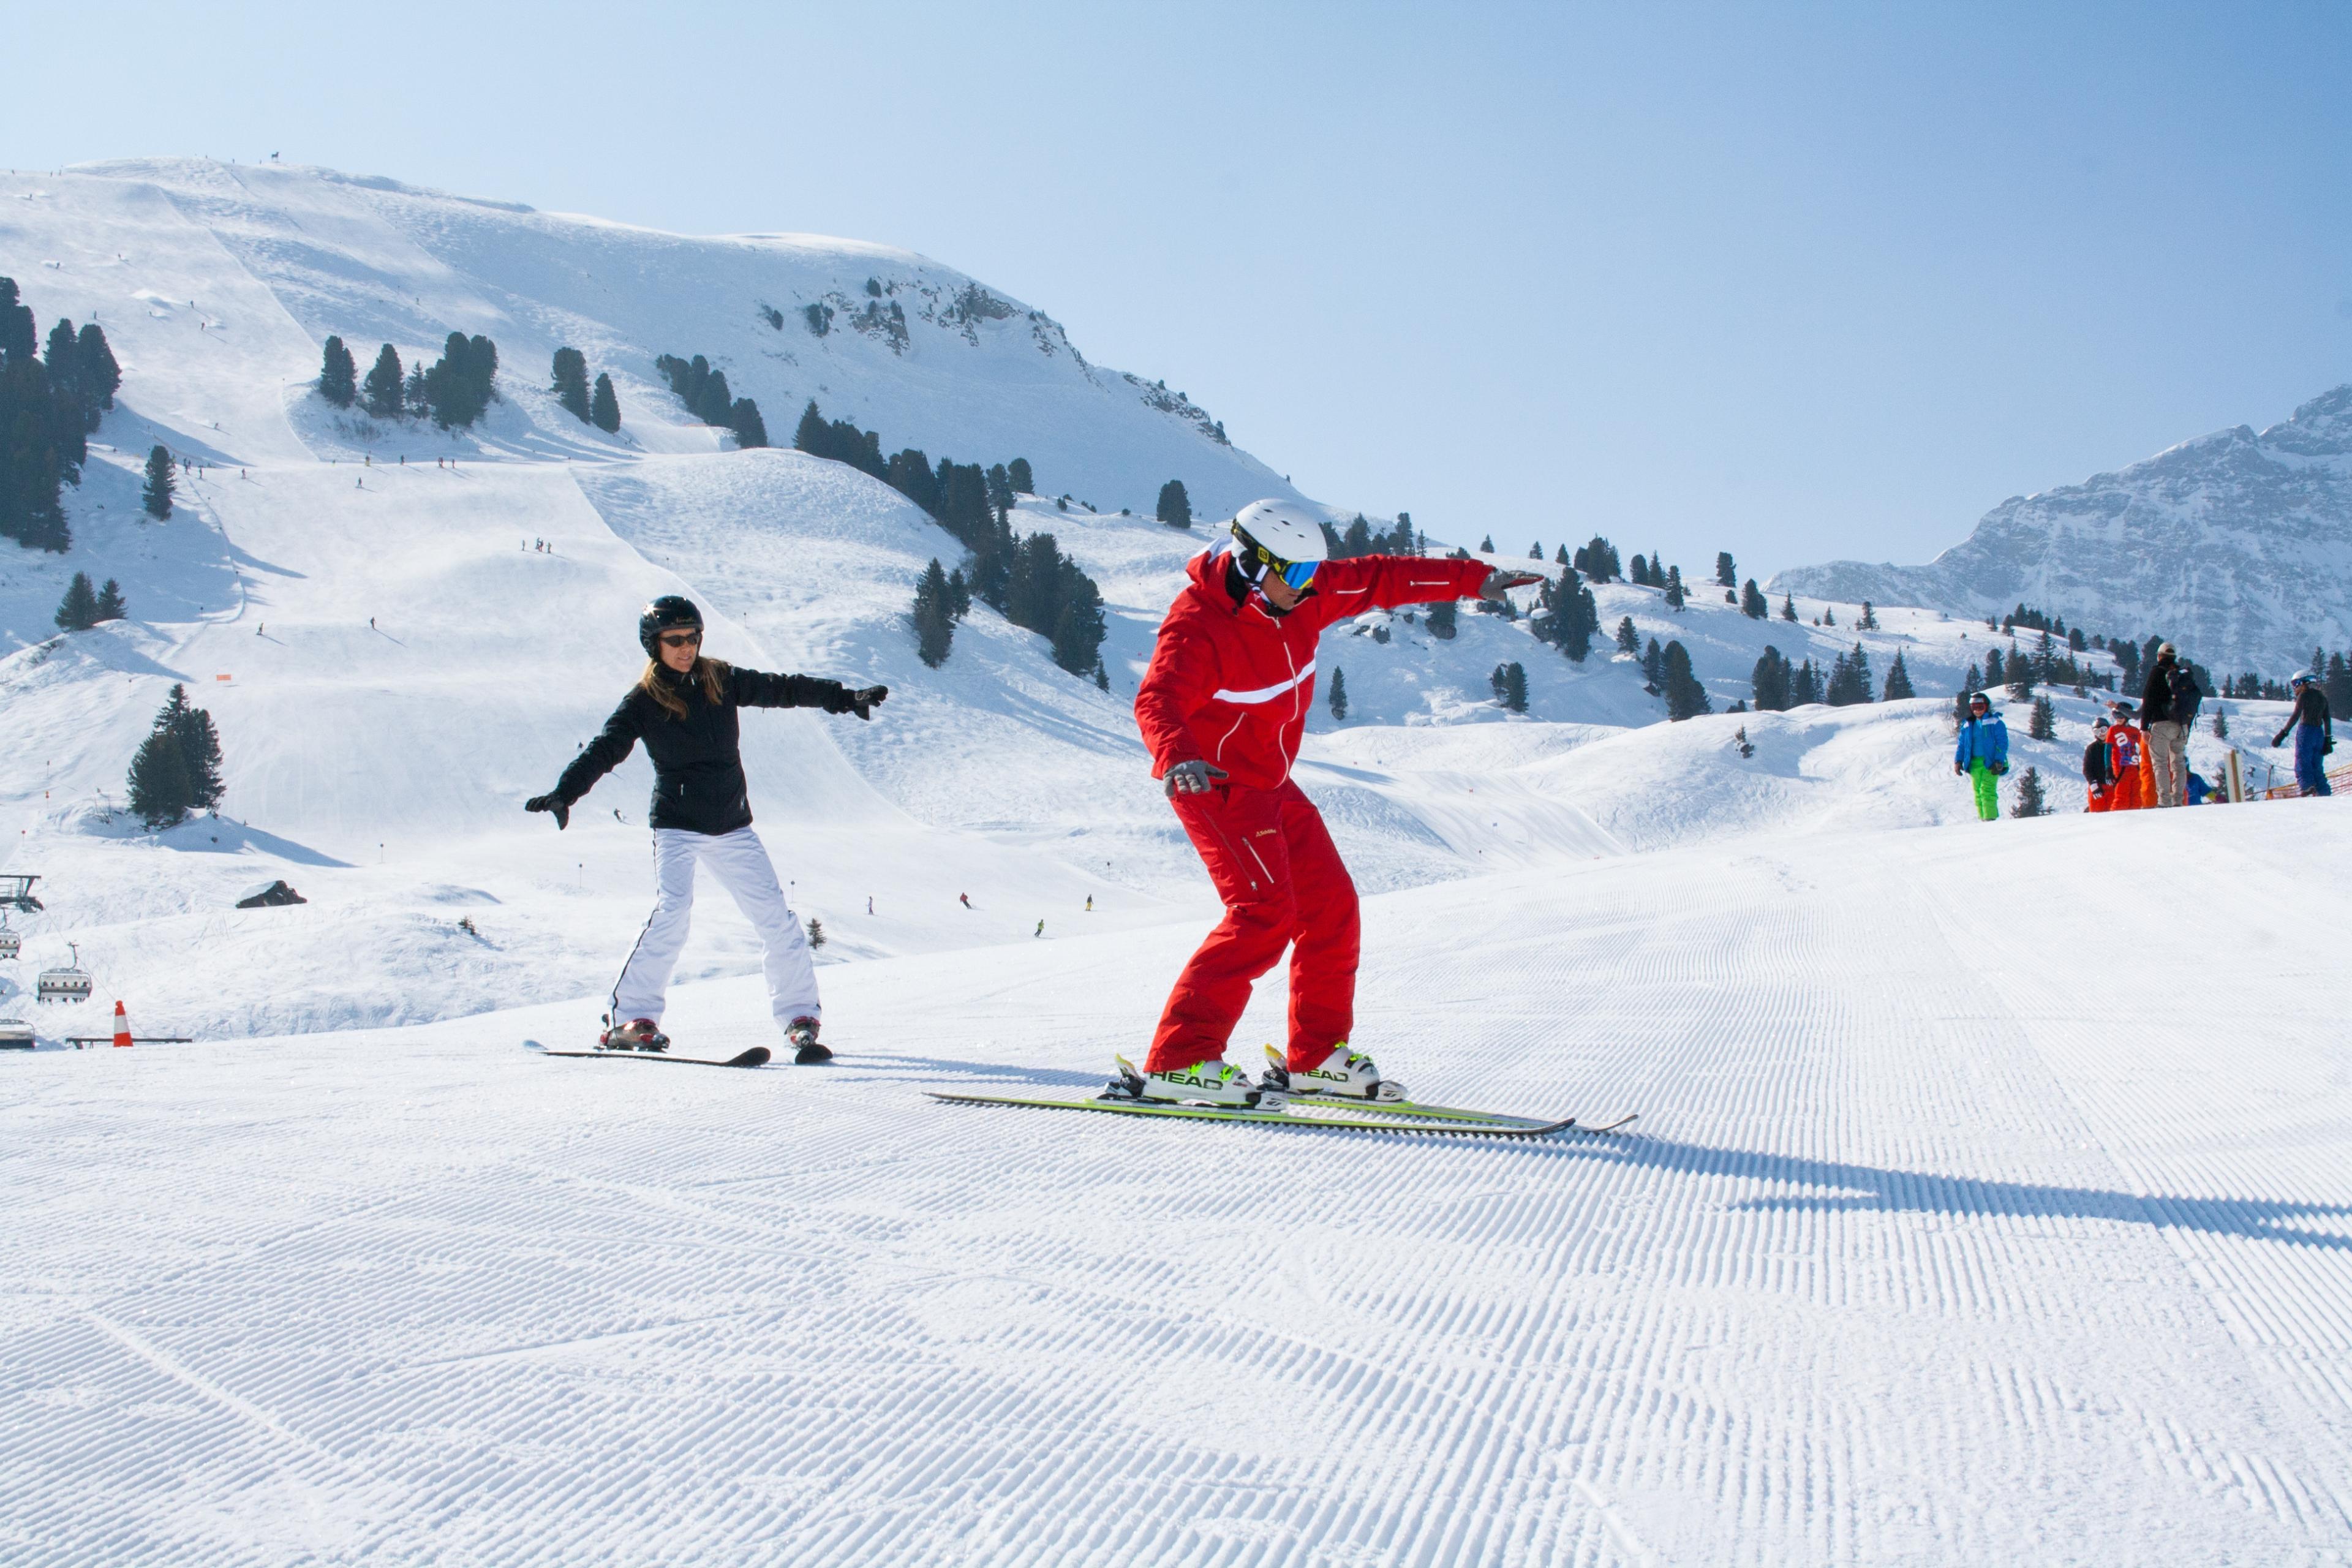 Groepslessen skiën voor volwassenen - Beginners